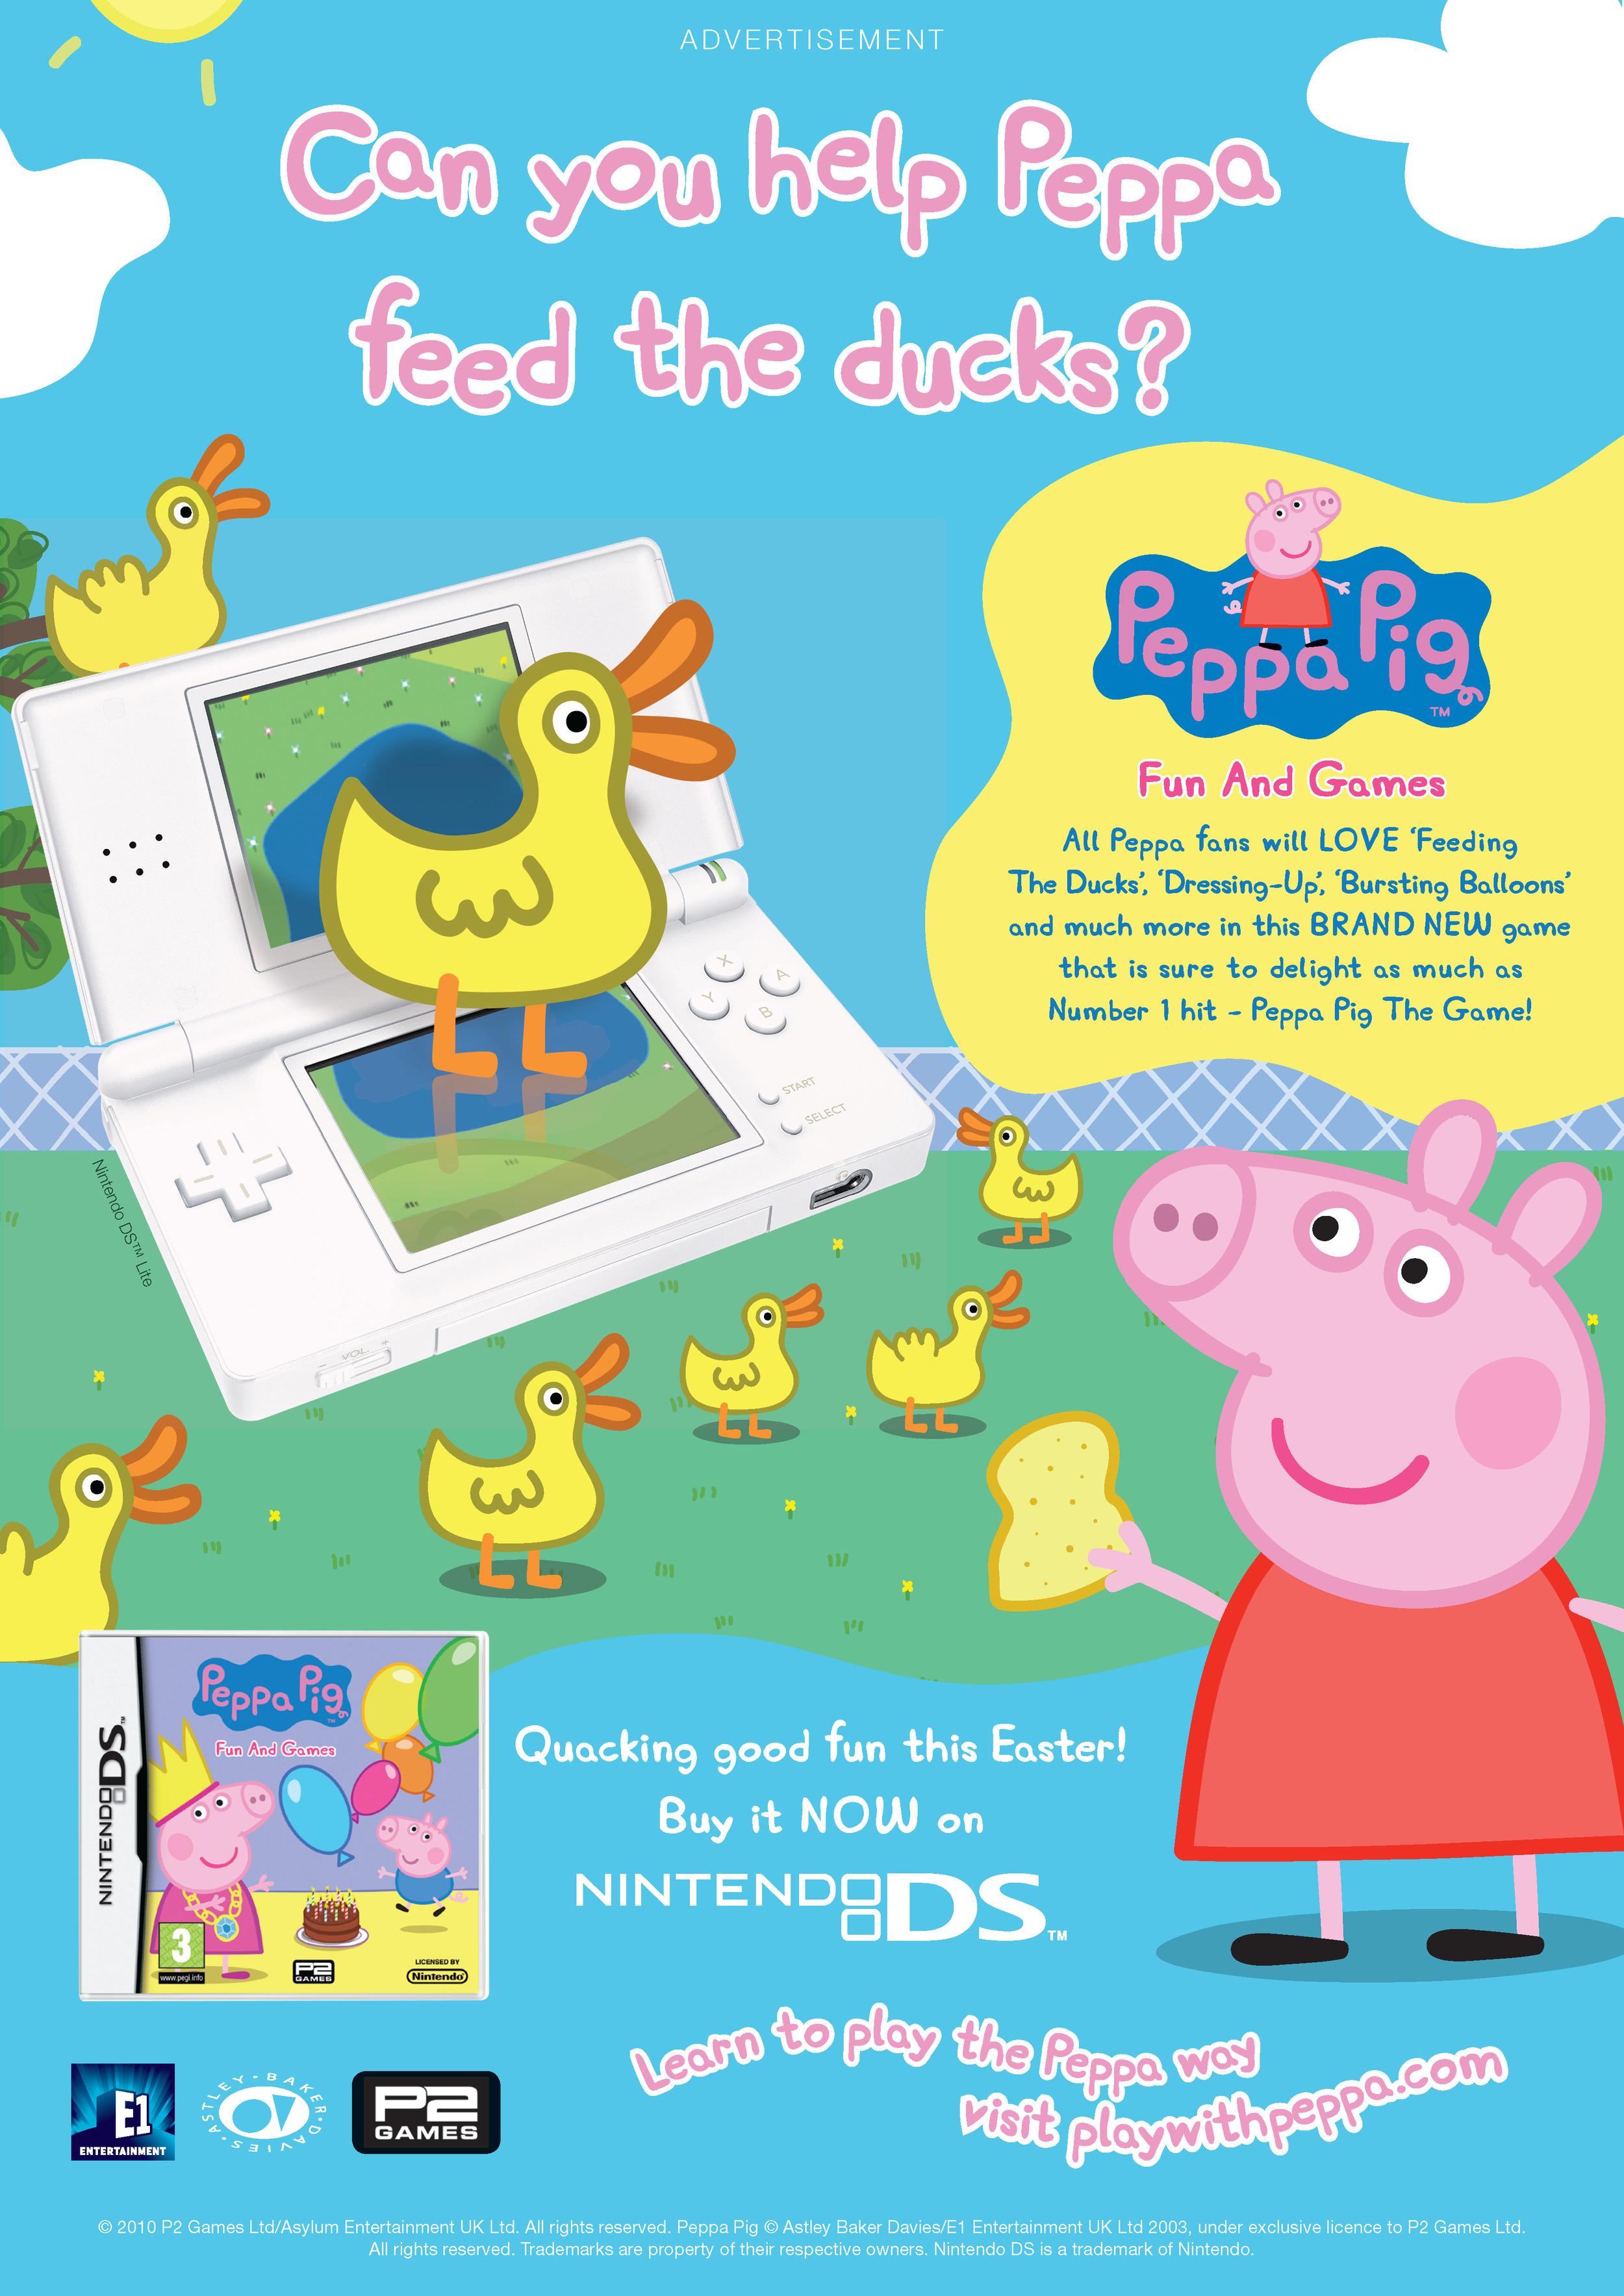 Peppa Pig Advert (Ducks).jpg